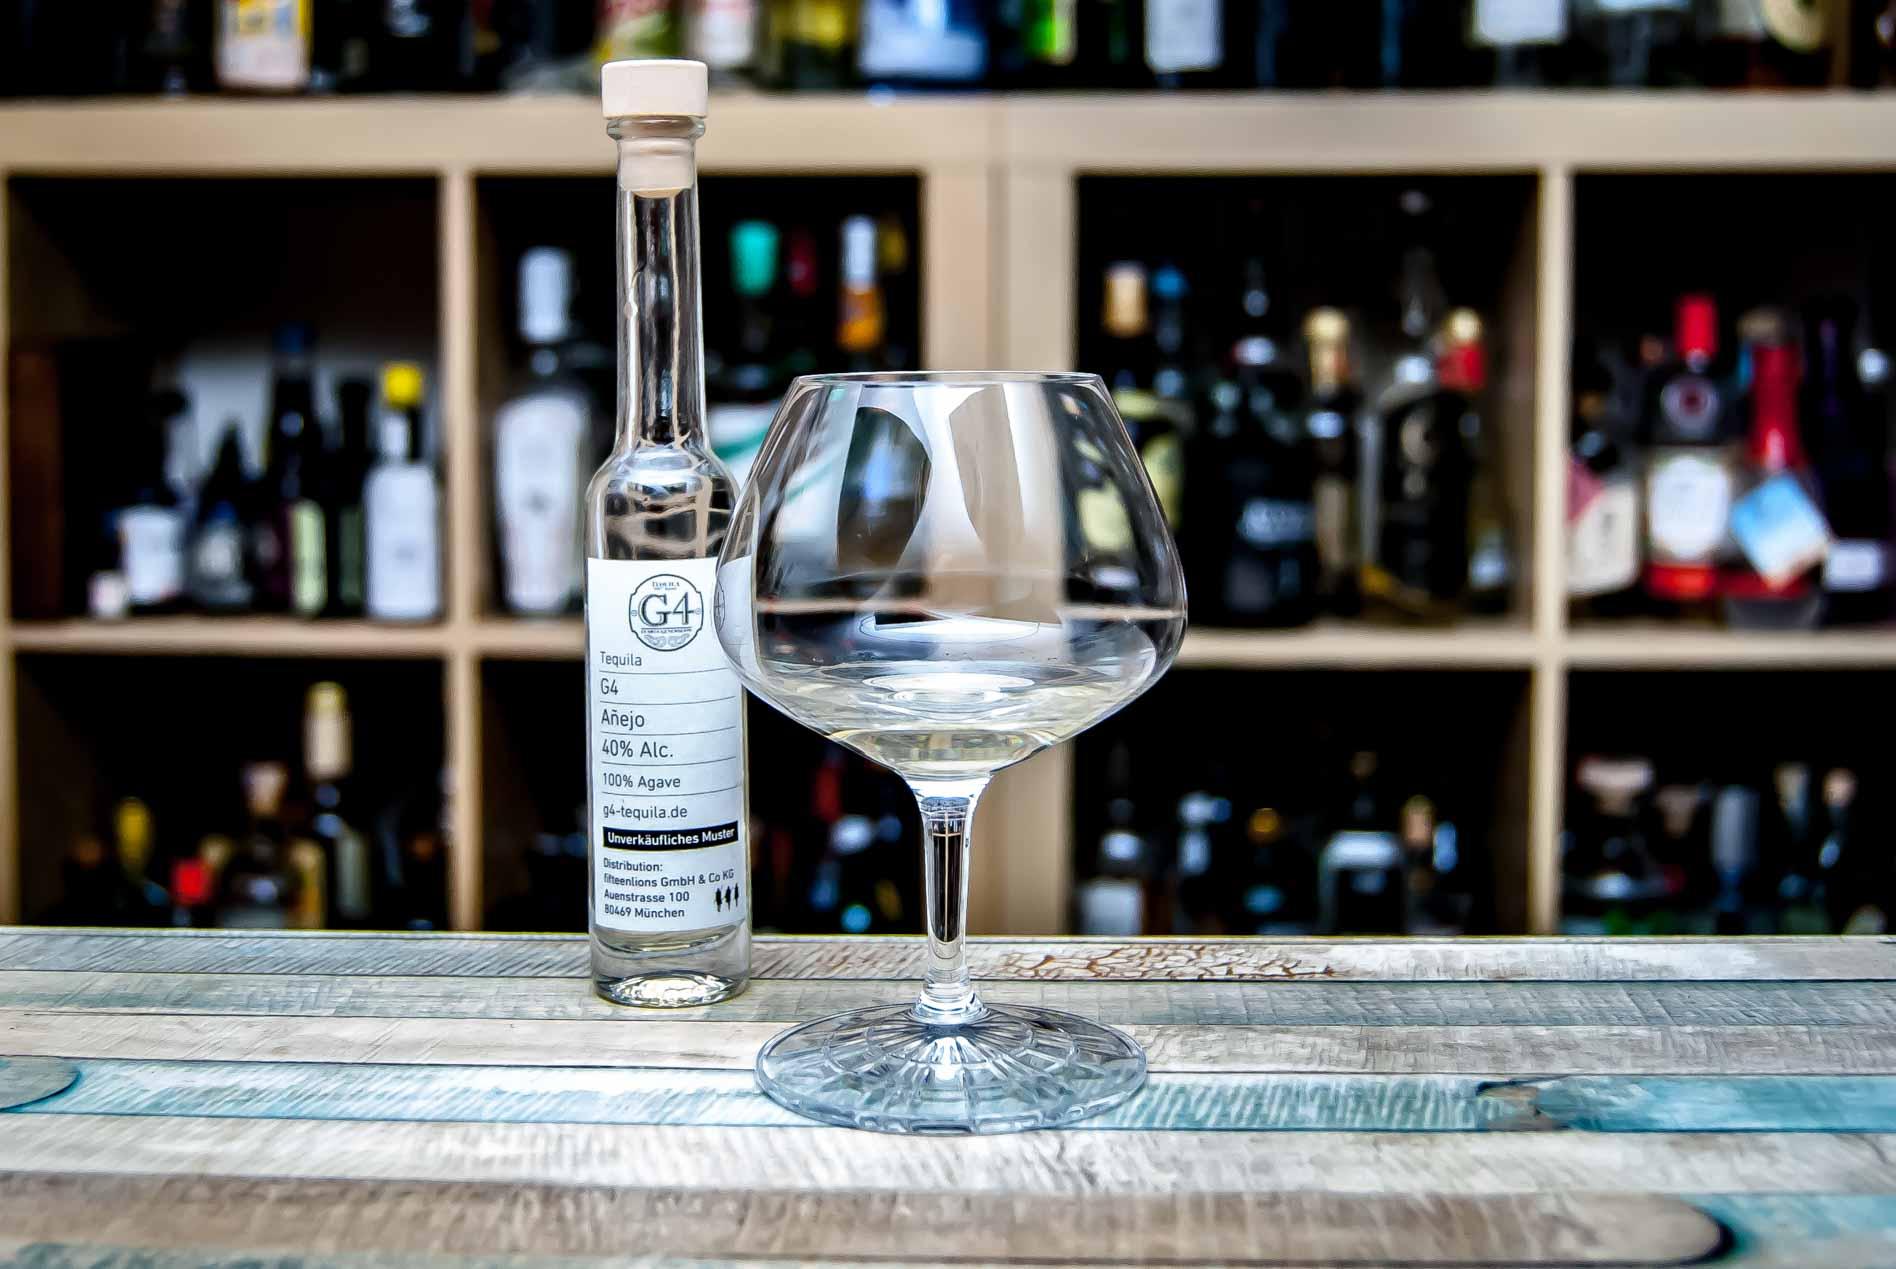 Wir verkosten den G4-Tequila Anejo.